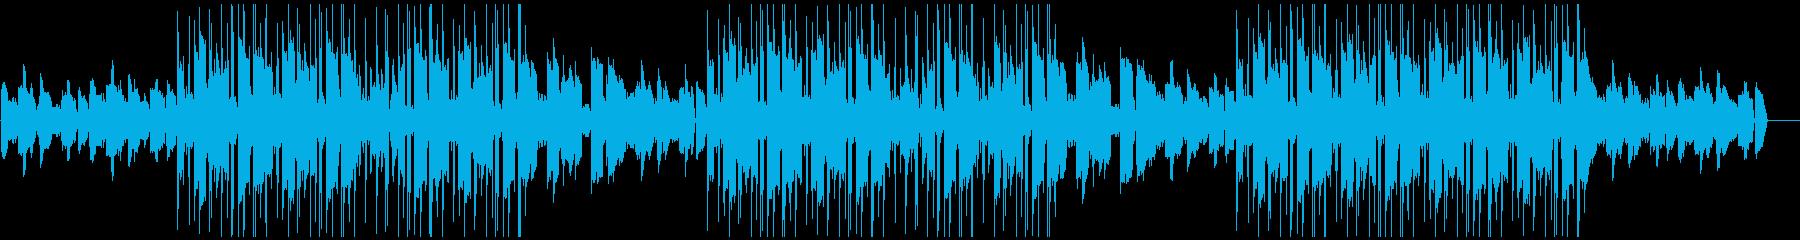 落ち着いらLo-Fiチルビートの再生済みの波形